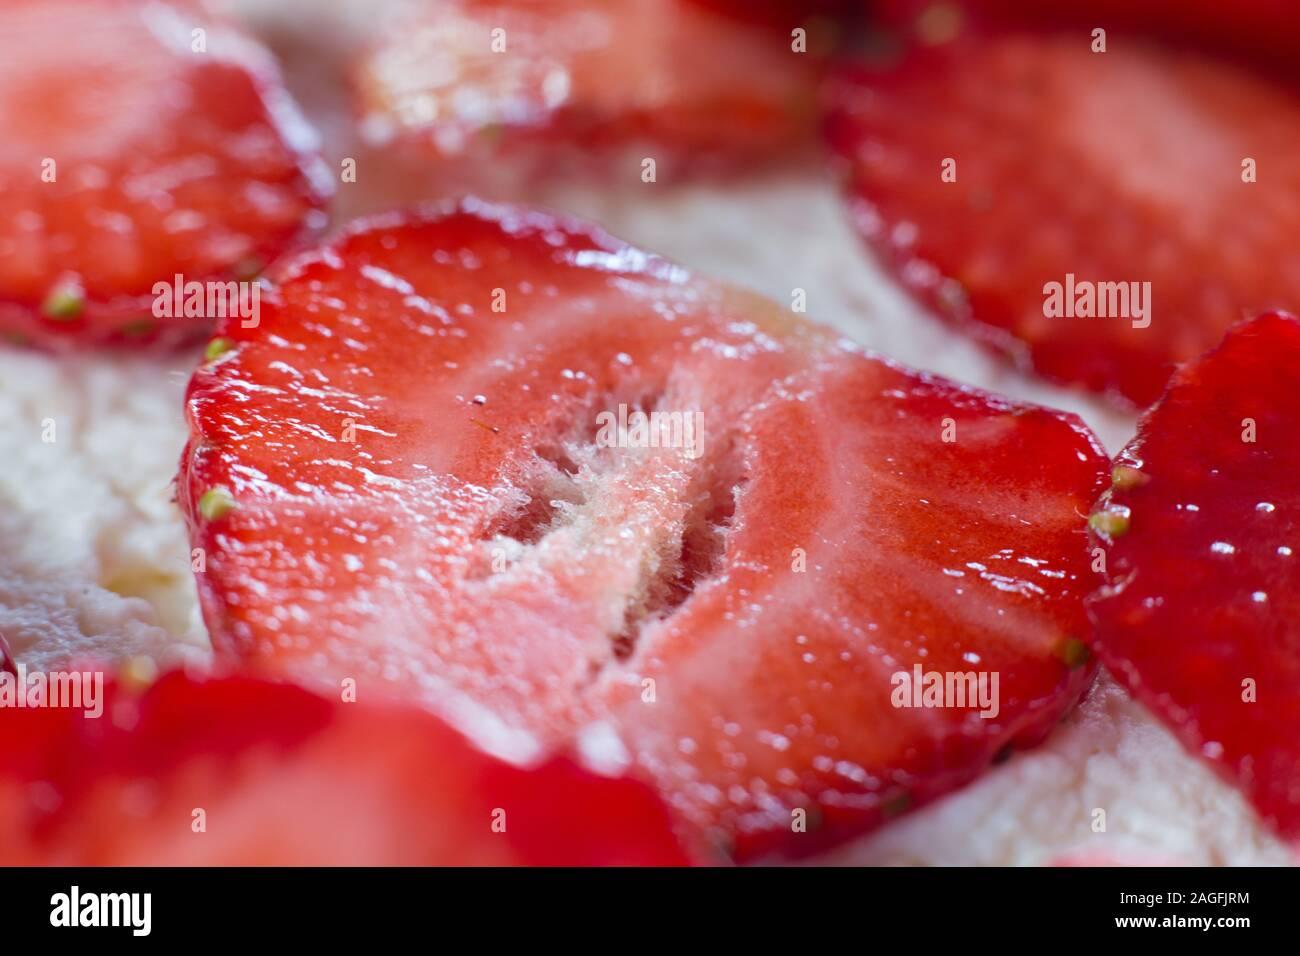 Strawberries. Strawberry close-ups. Stock Photo